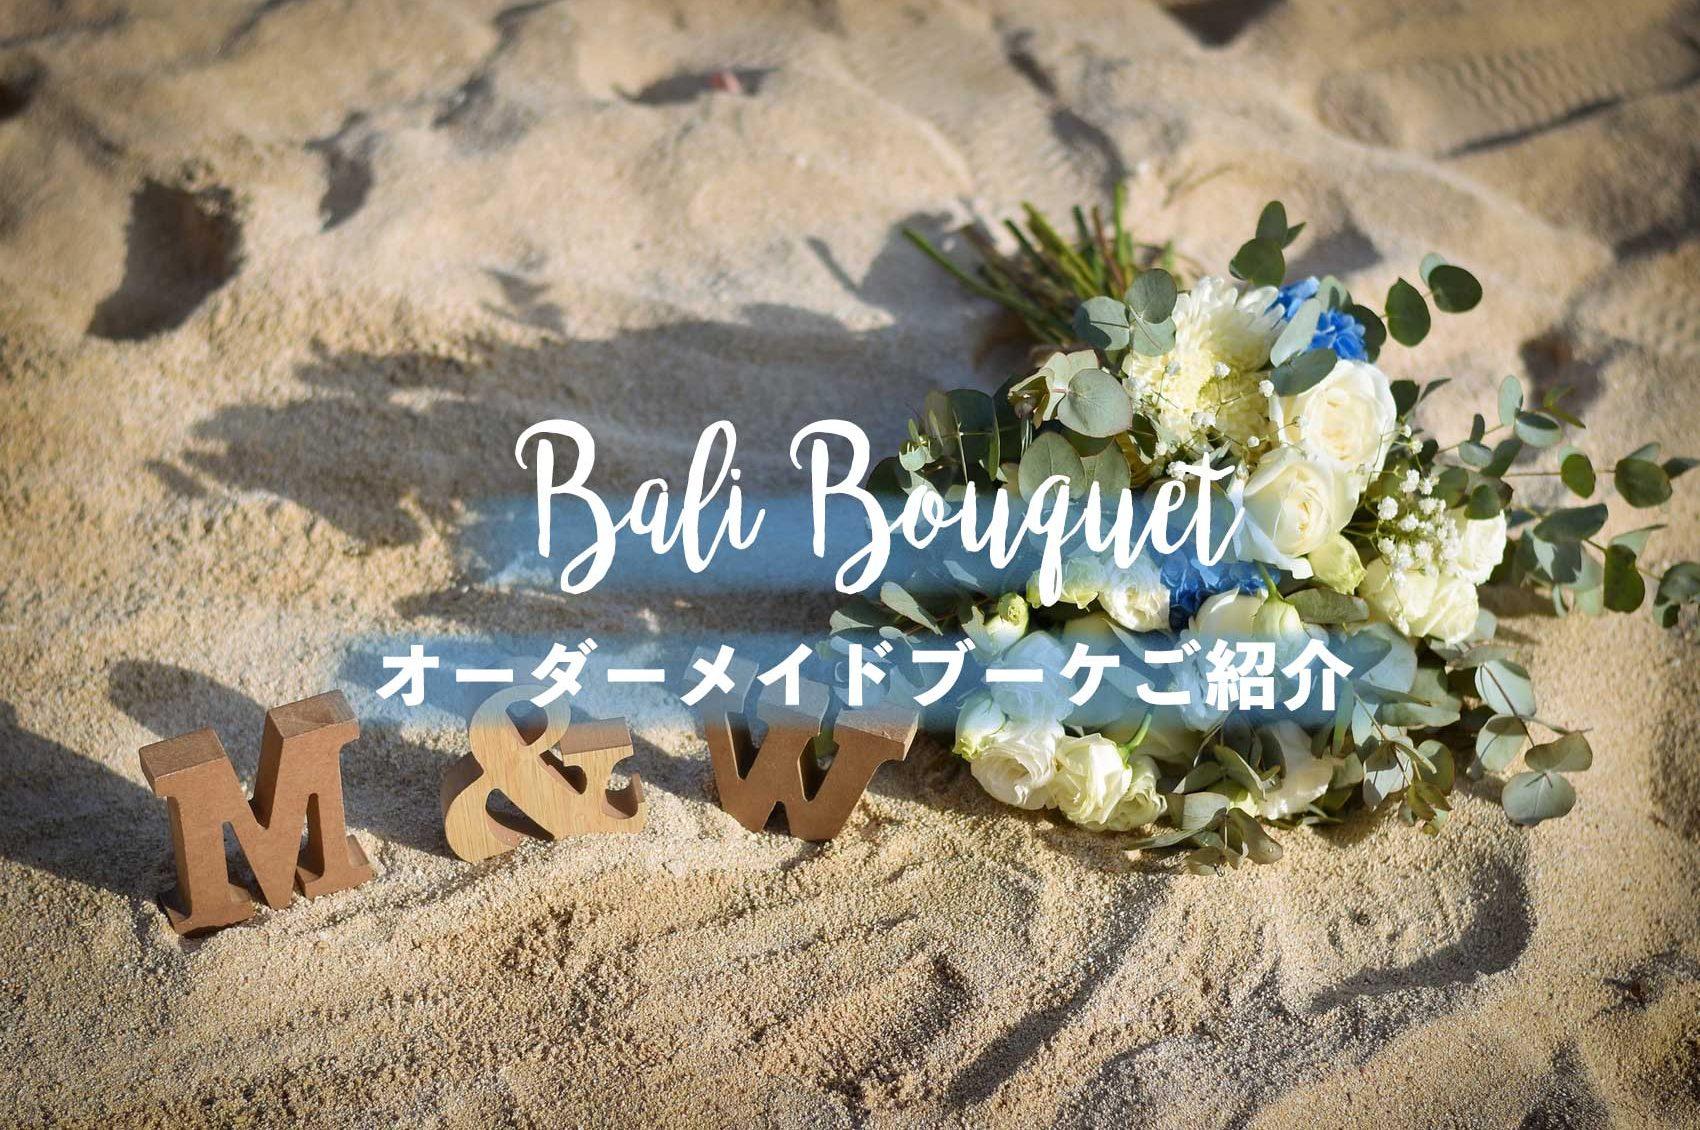 バリ島でオーダーメイドブーケ!バラ・紫陽花・ユーカリを使ったクラッチブーケ